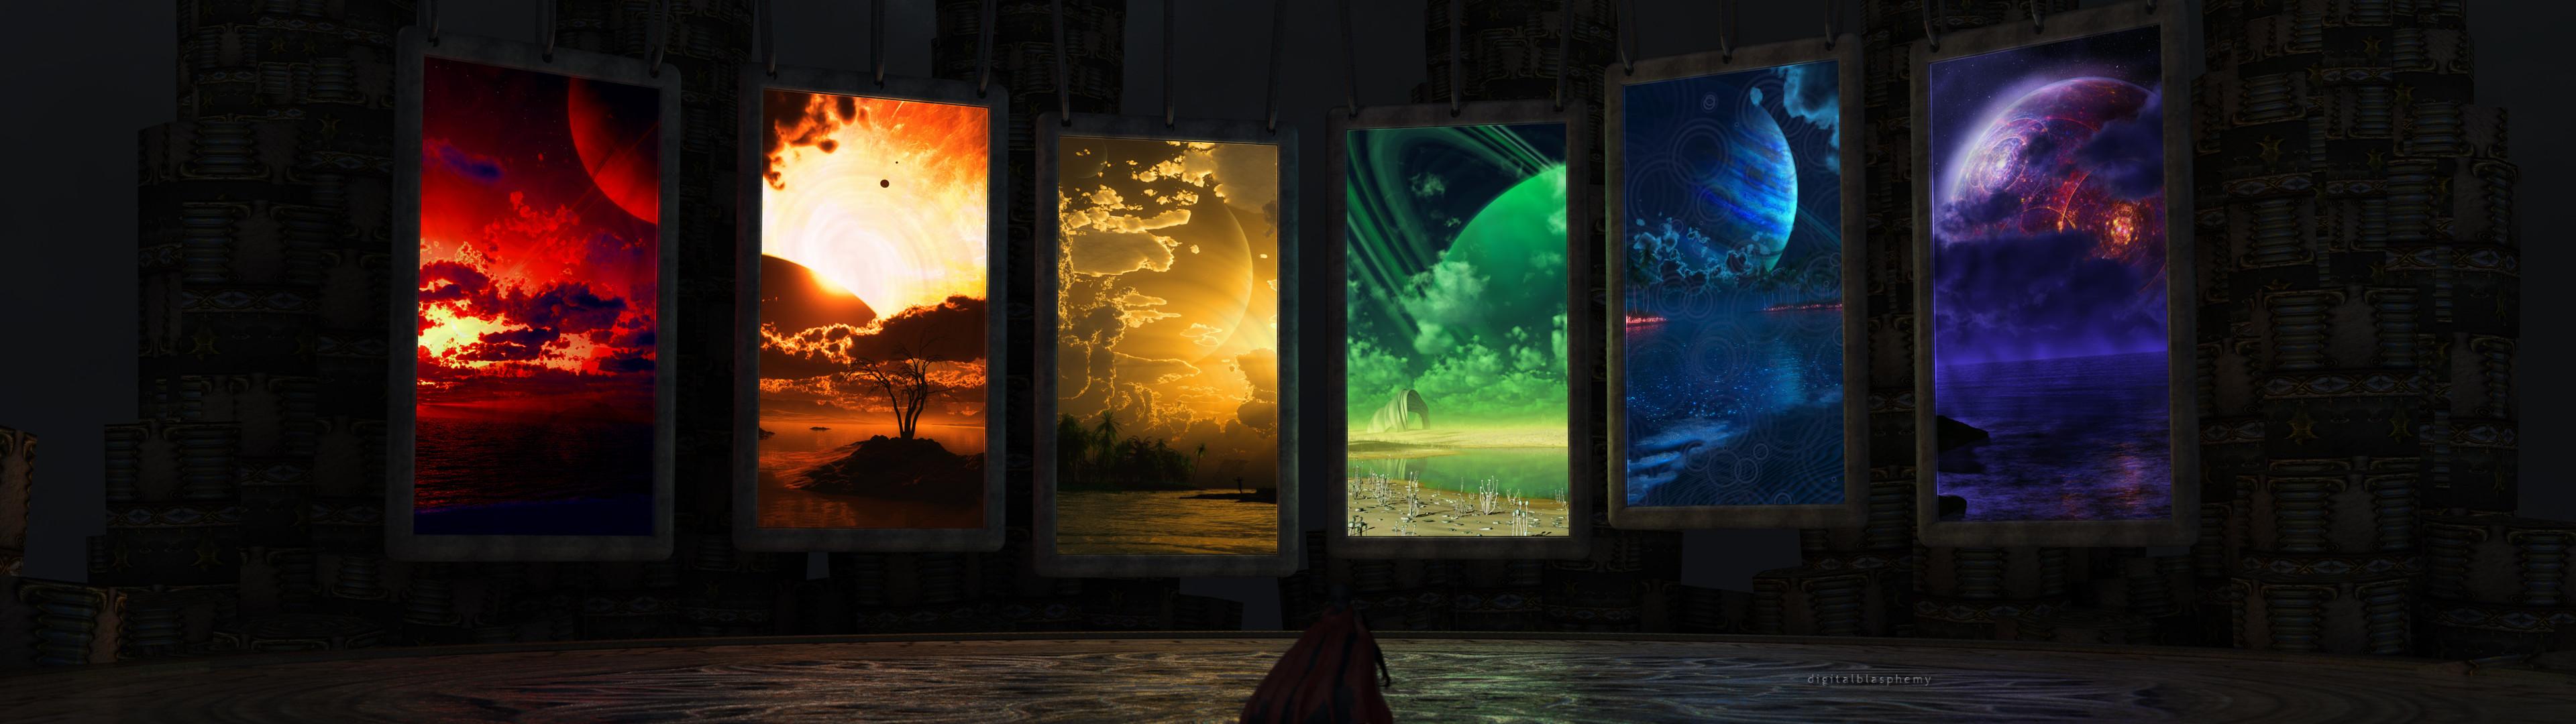 multi-monitor-wallpaper